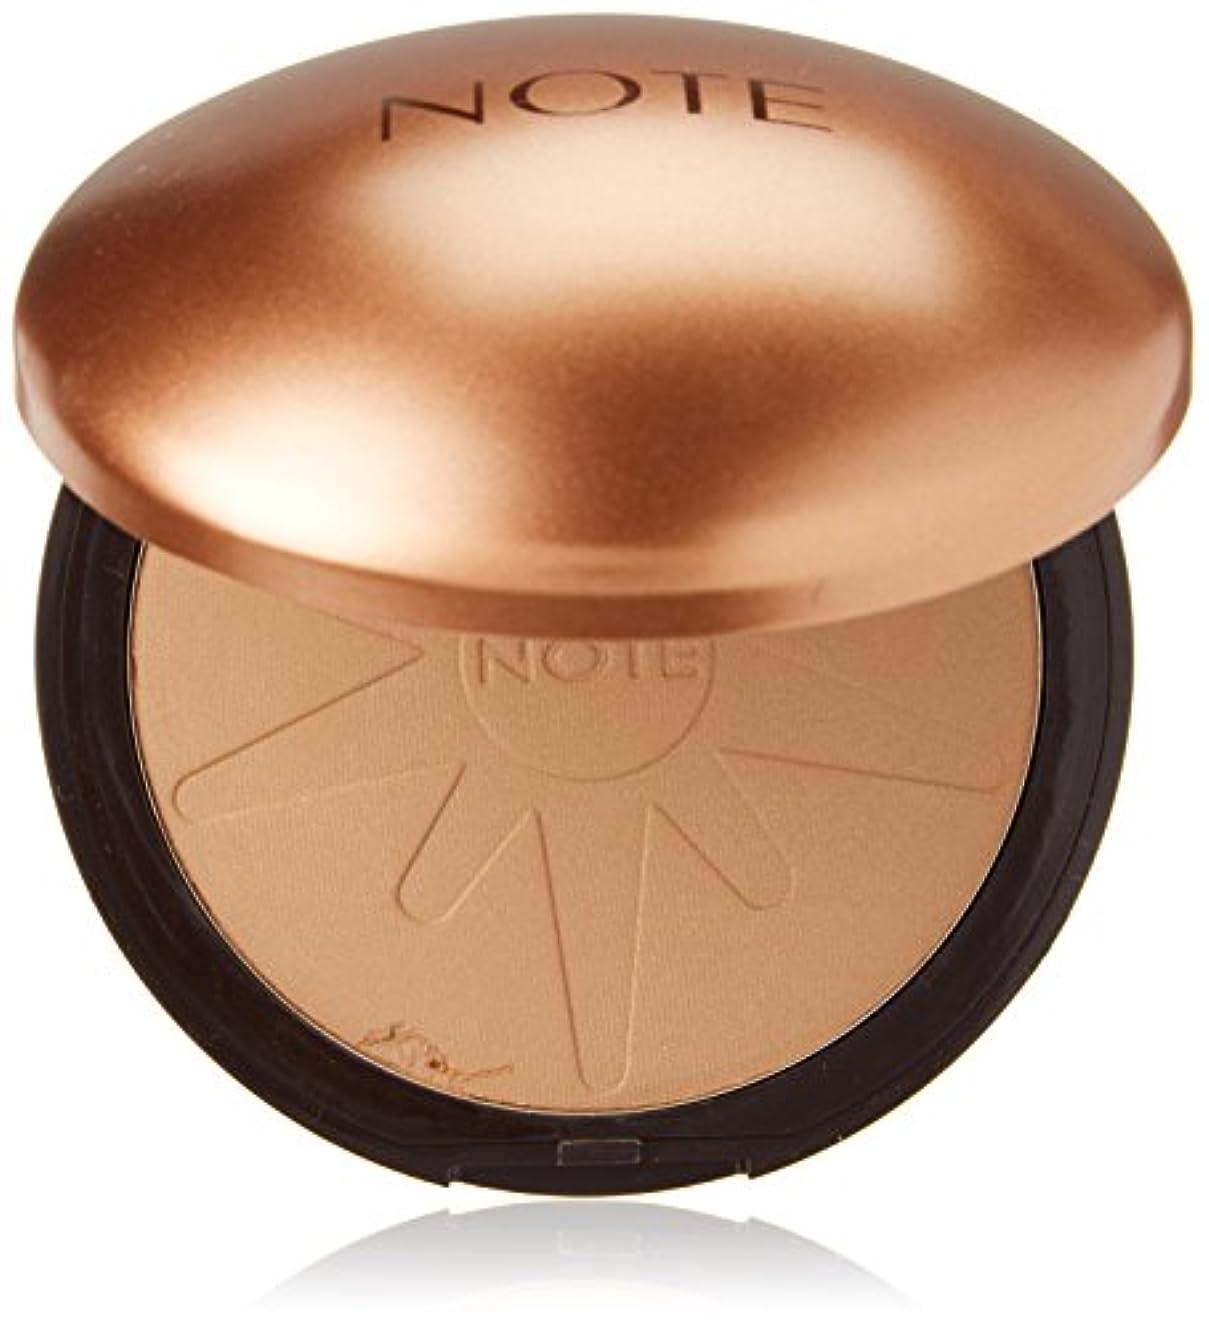 質量混合人類NOTE Cosmetics ブロンジングパウダー、1.1オンス 第20号